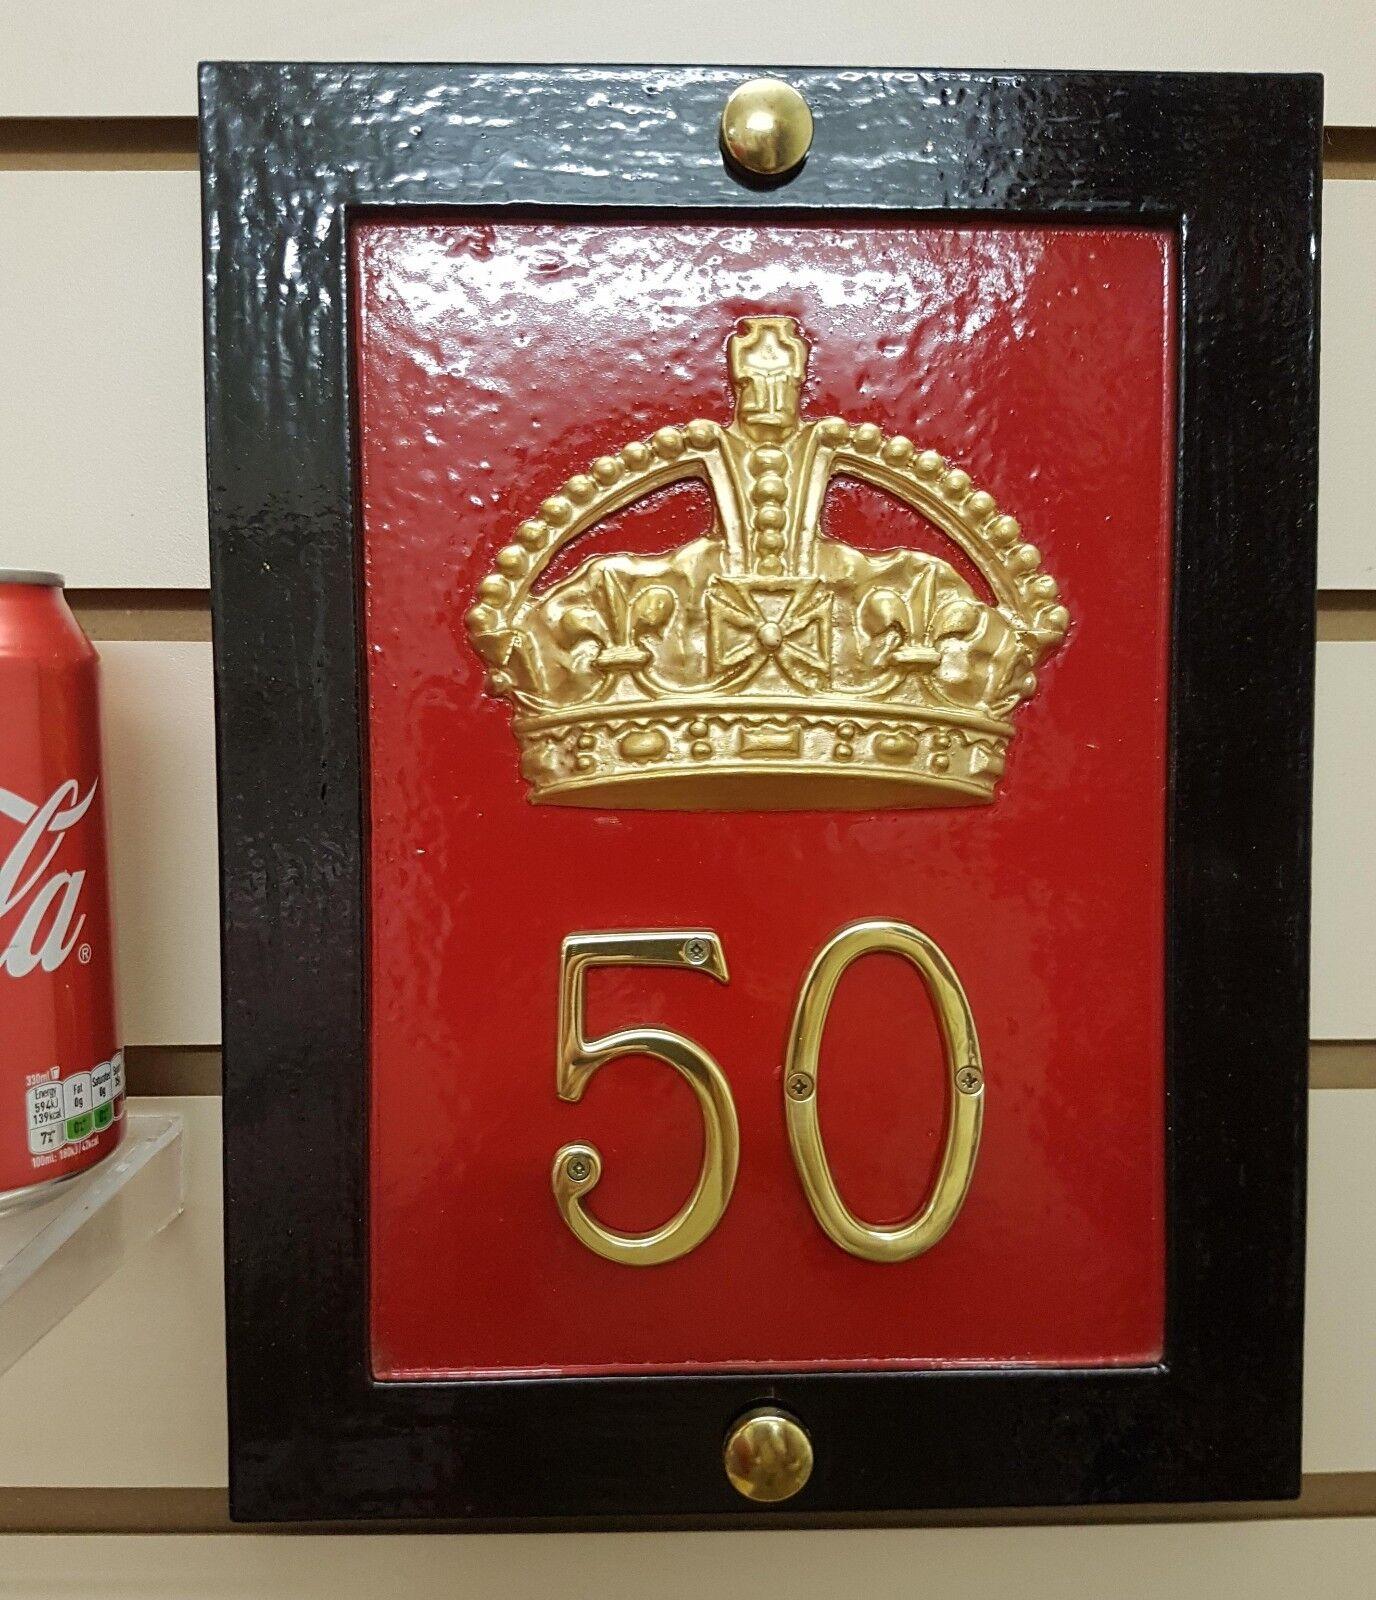 Rouge TELEPHONE BOX HOUSE PLAQUE - CAST OF ORIGINAL CROWN K6, démarrageH, KIOSK